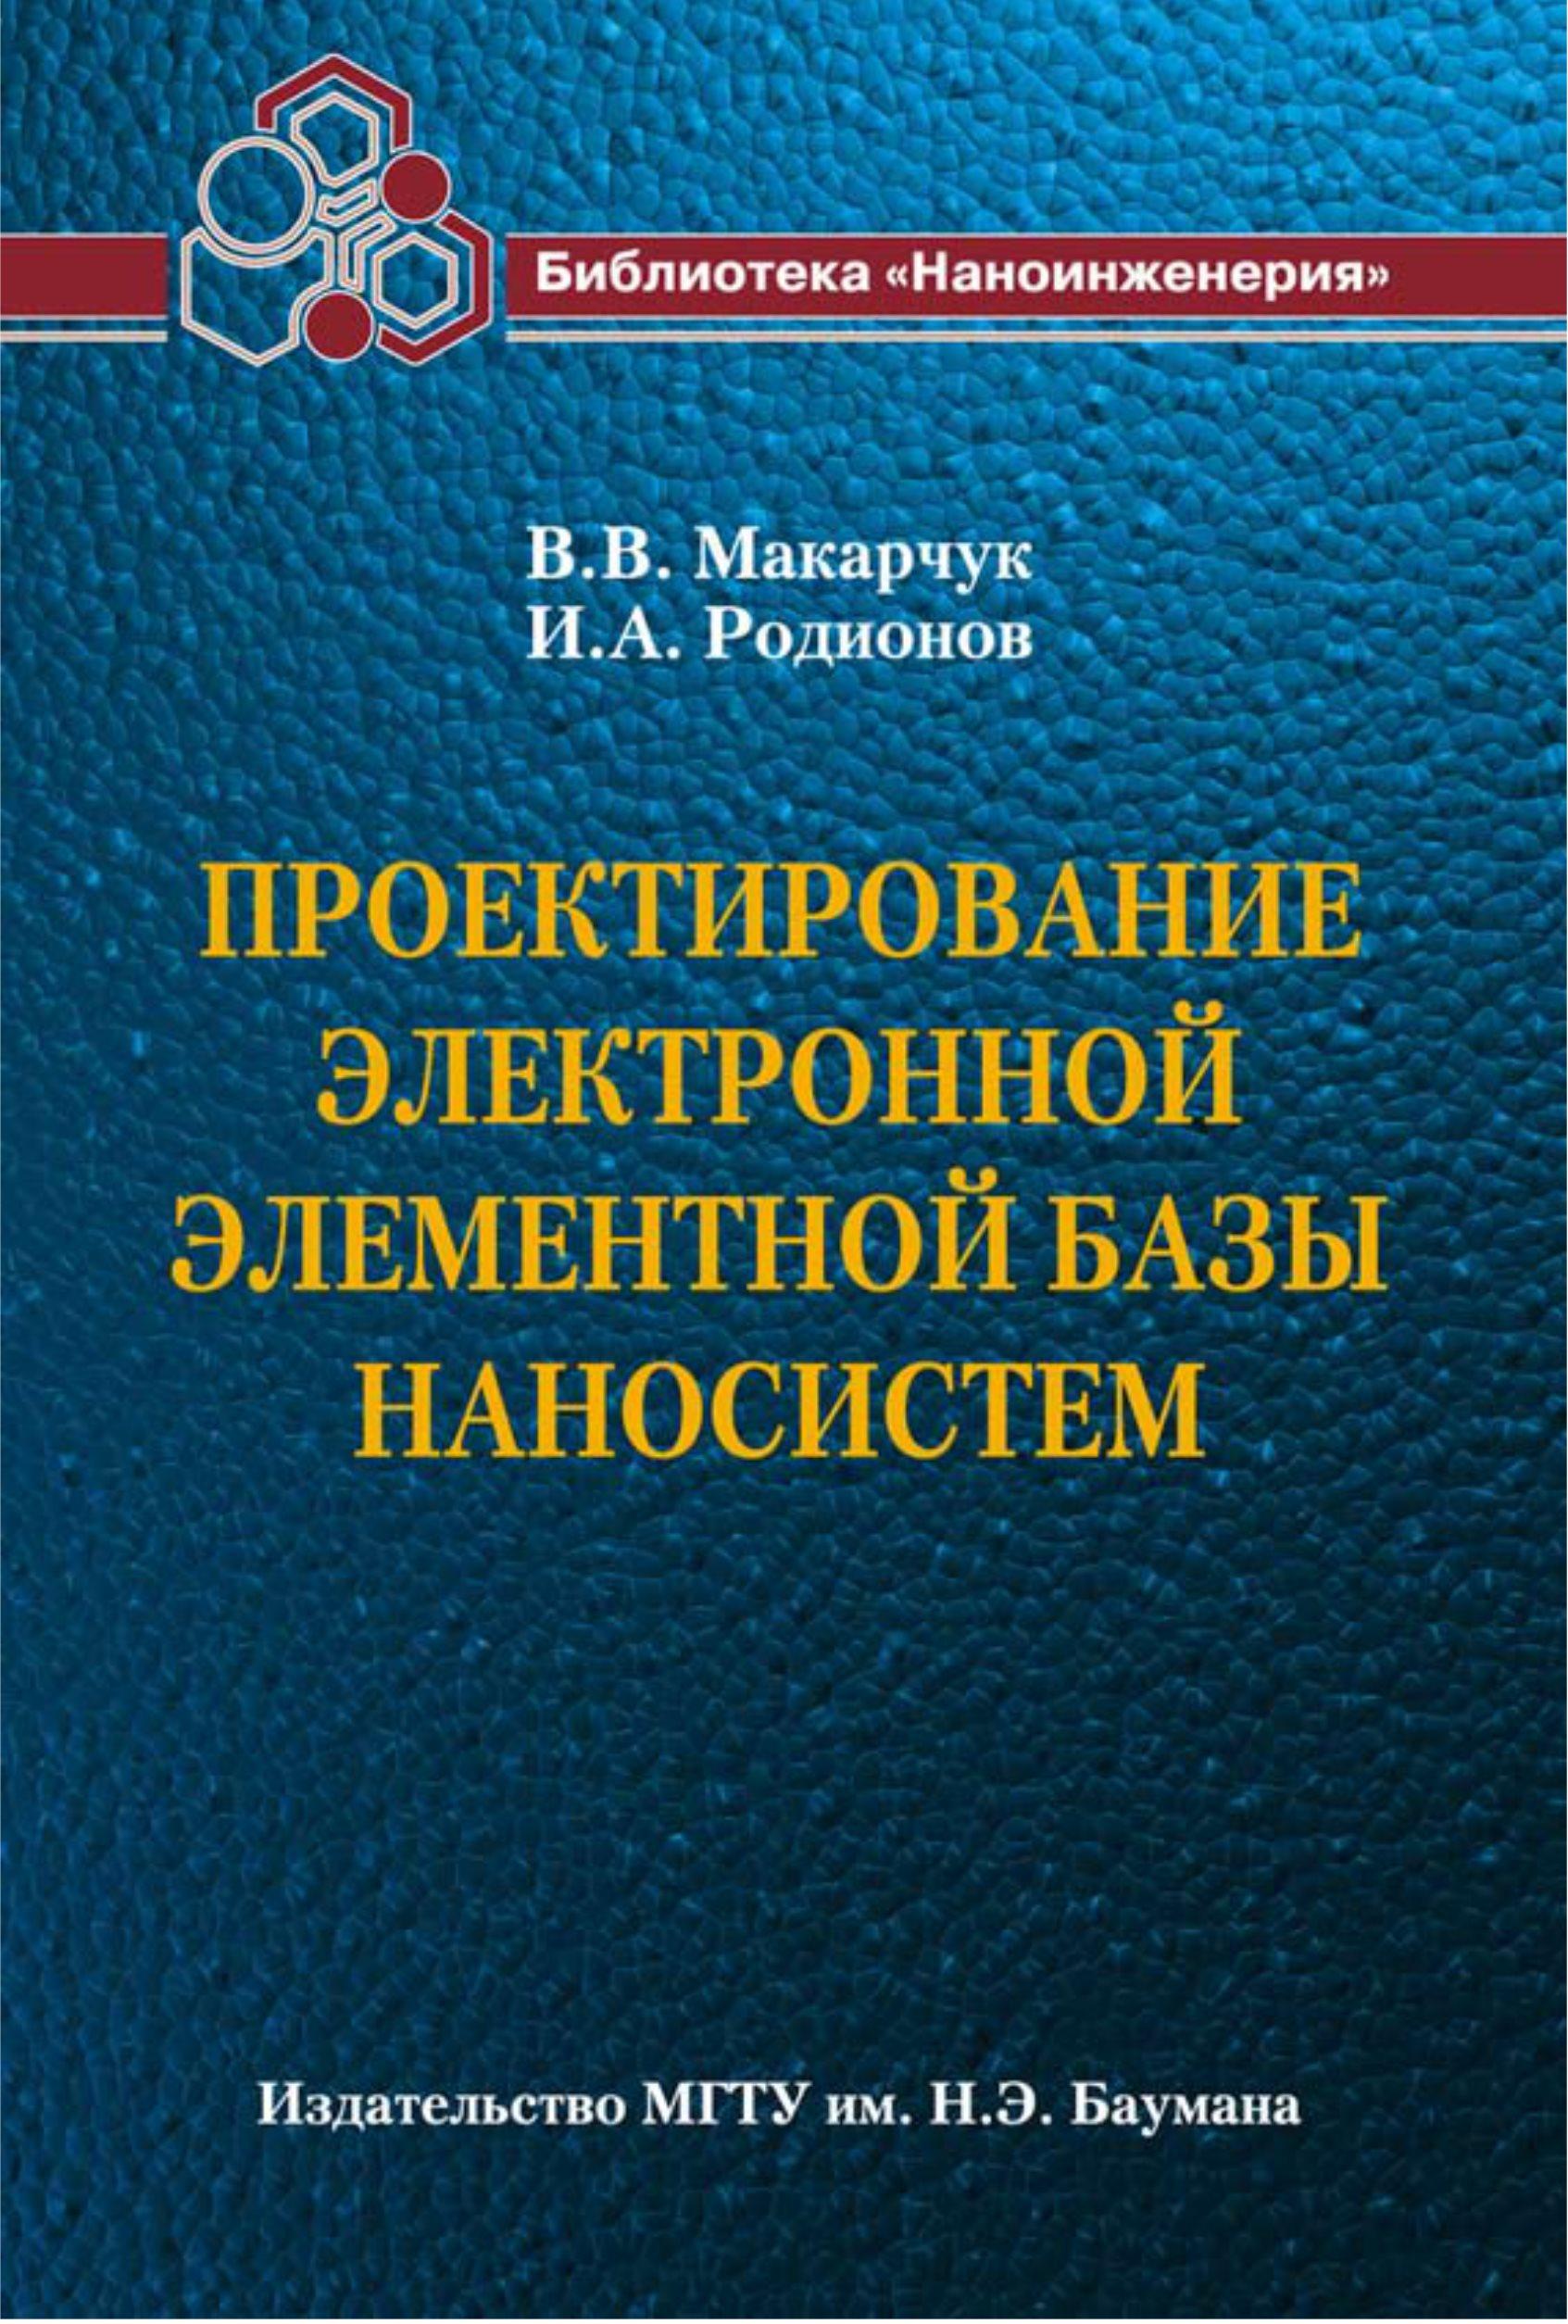 Владимир Макарчук Проектирование электронной элементной базы наносистем